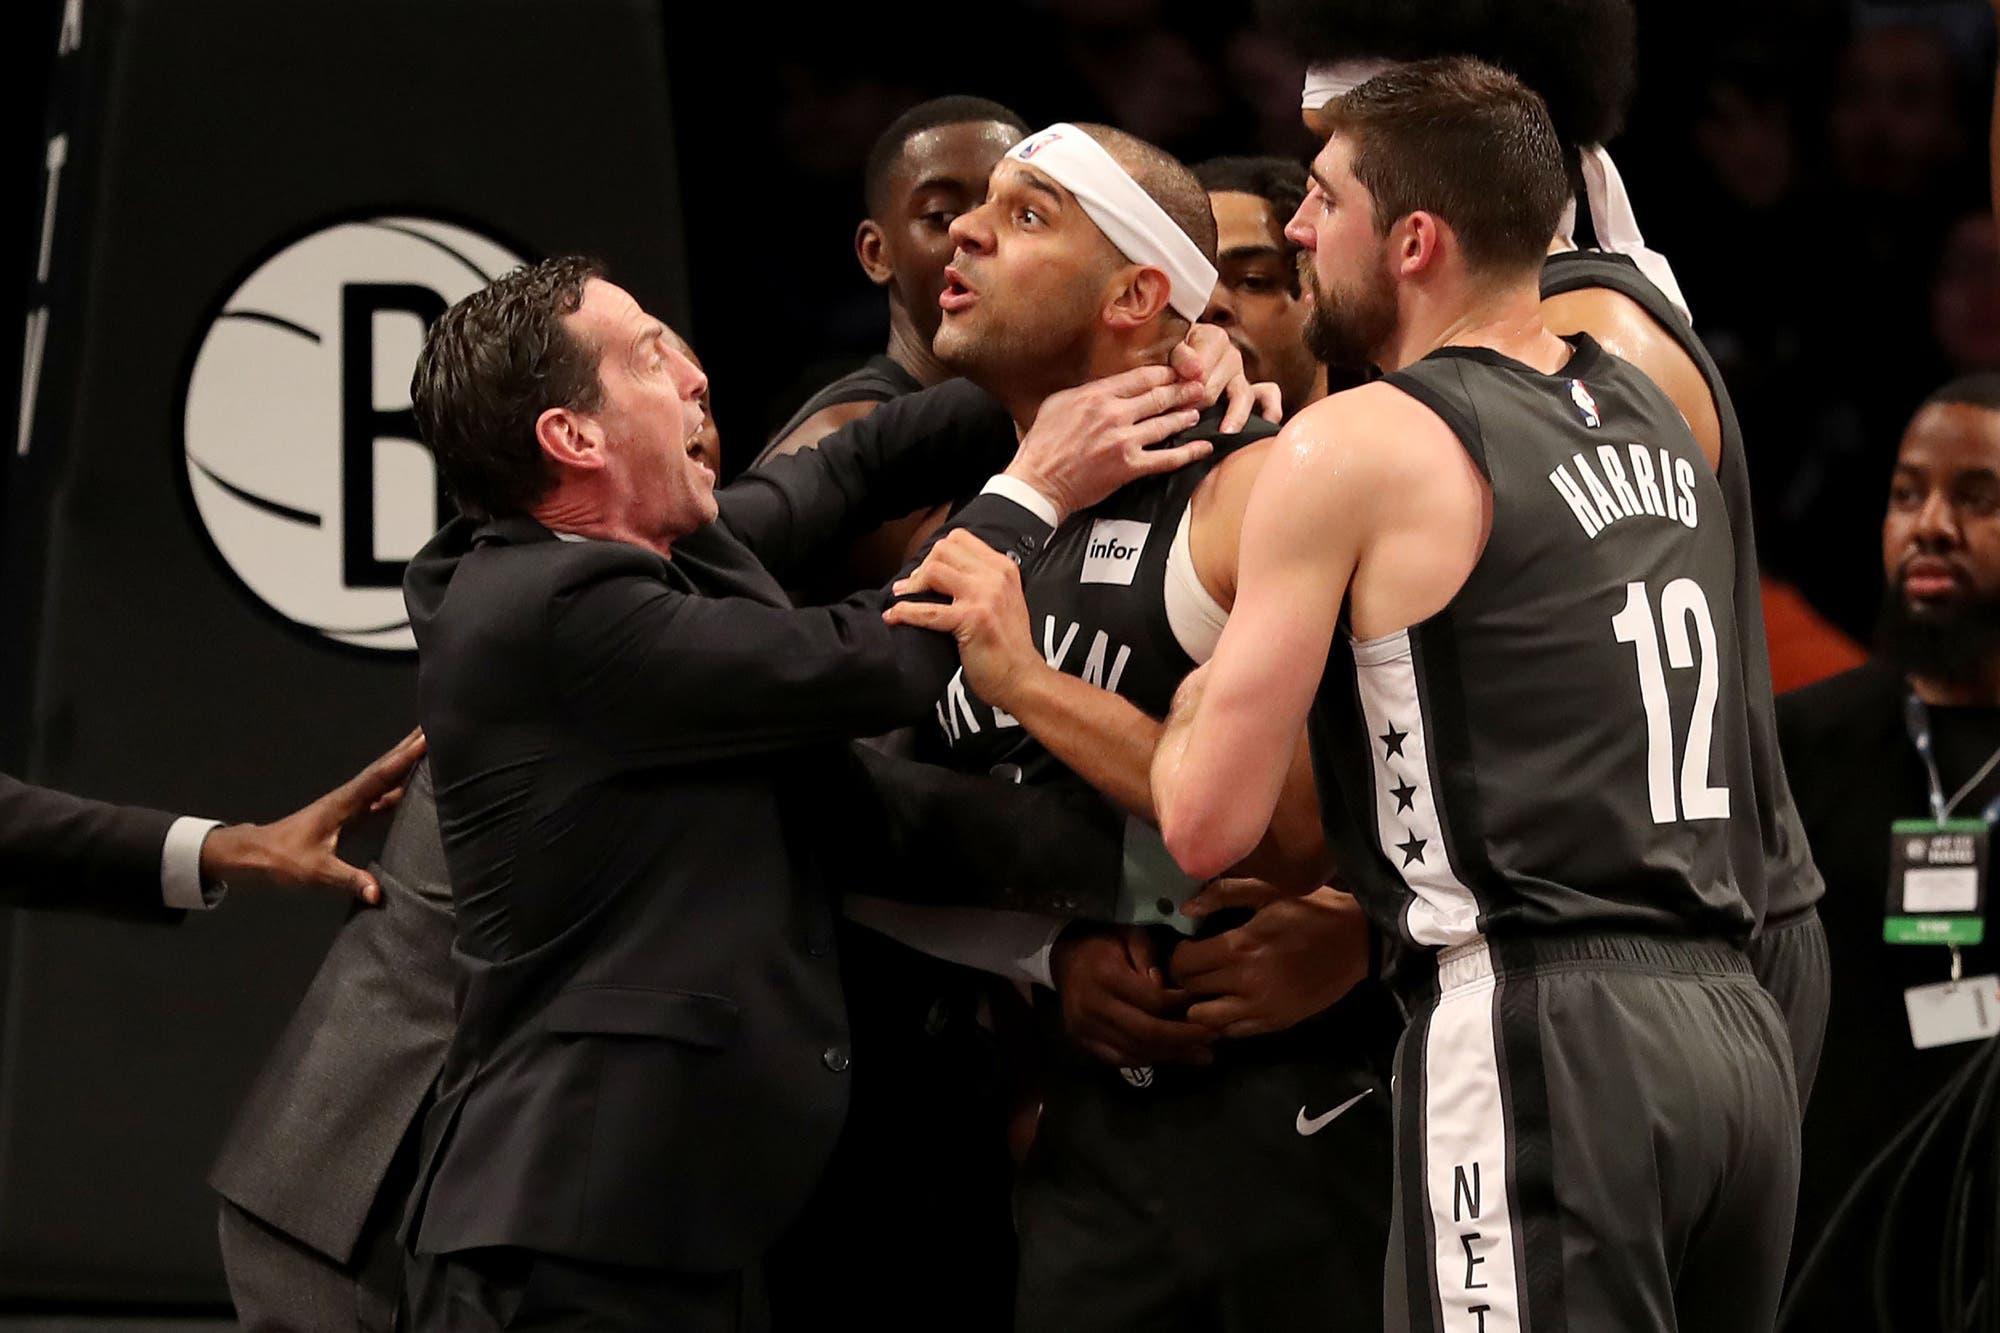 El tuit más caro de todos: una multa de cinco cifras por criticar a la NBA